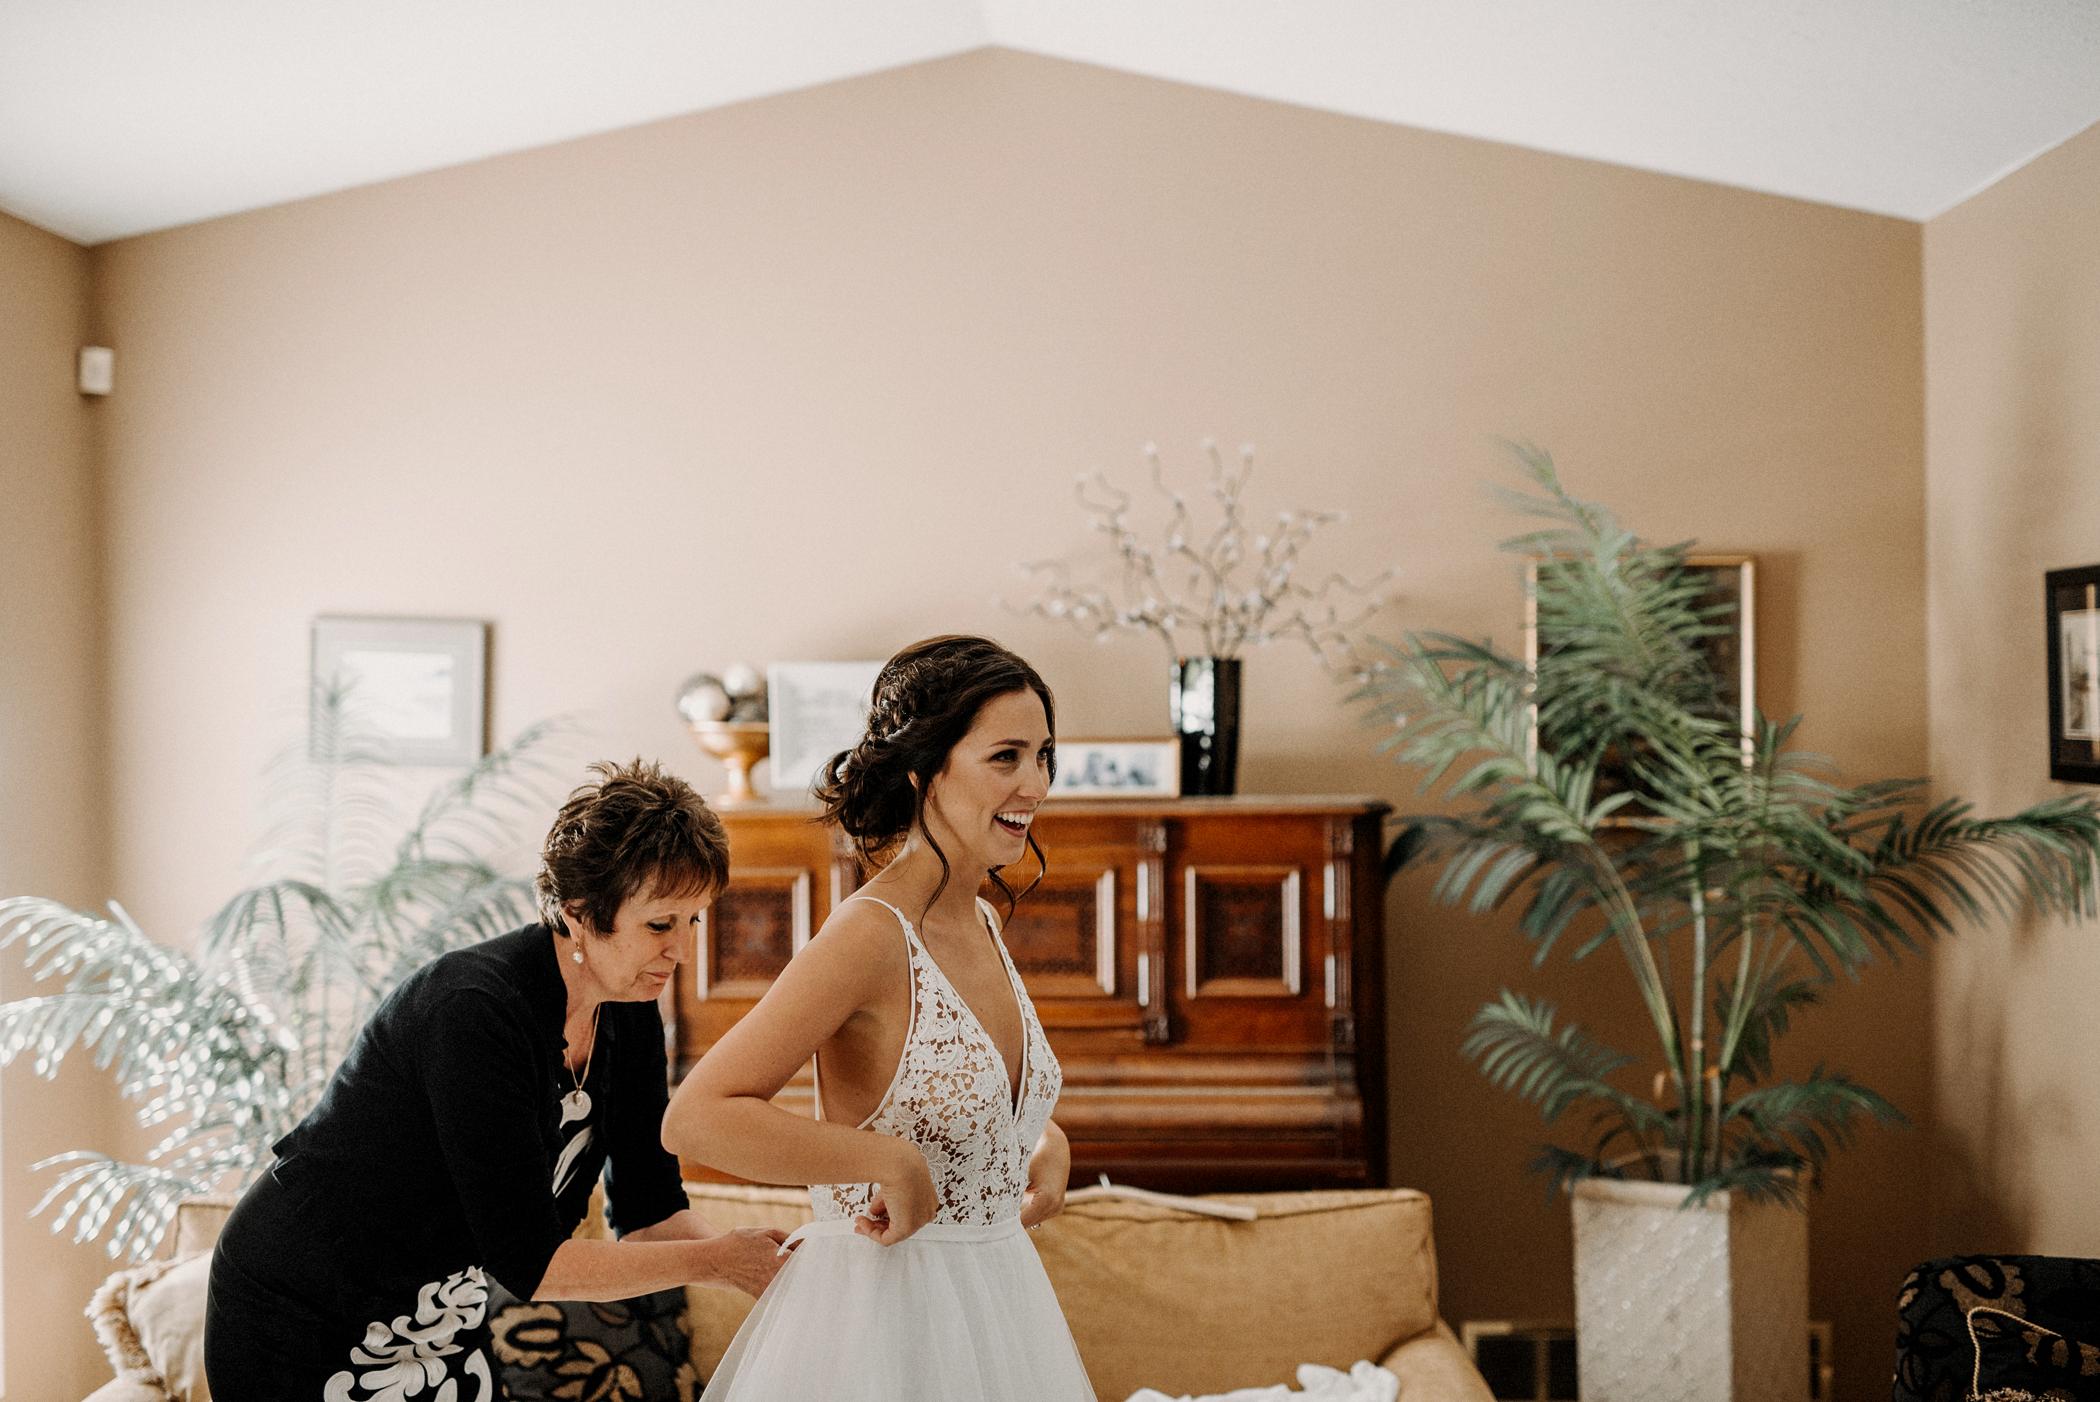 023-kaoverii-silva-KR-wedding-vancouver-photography-blog.png